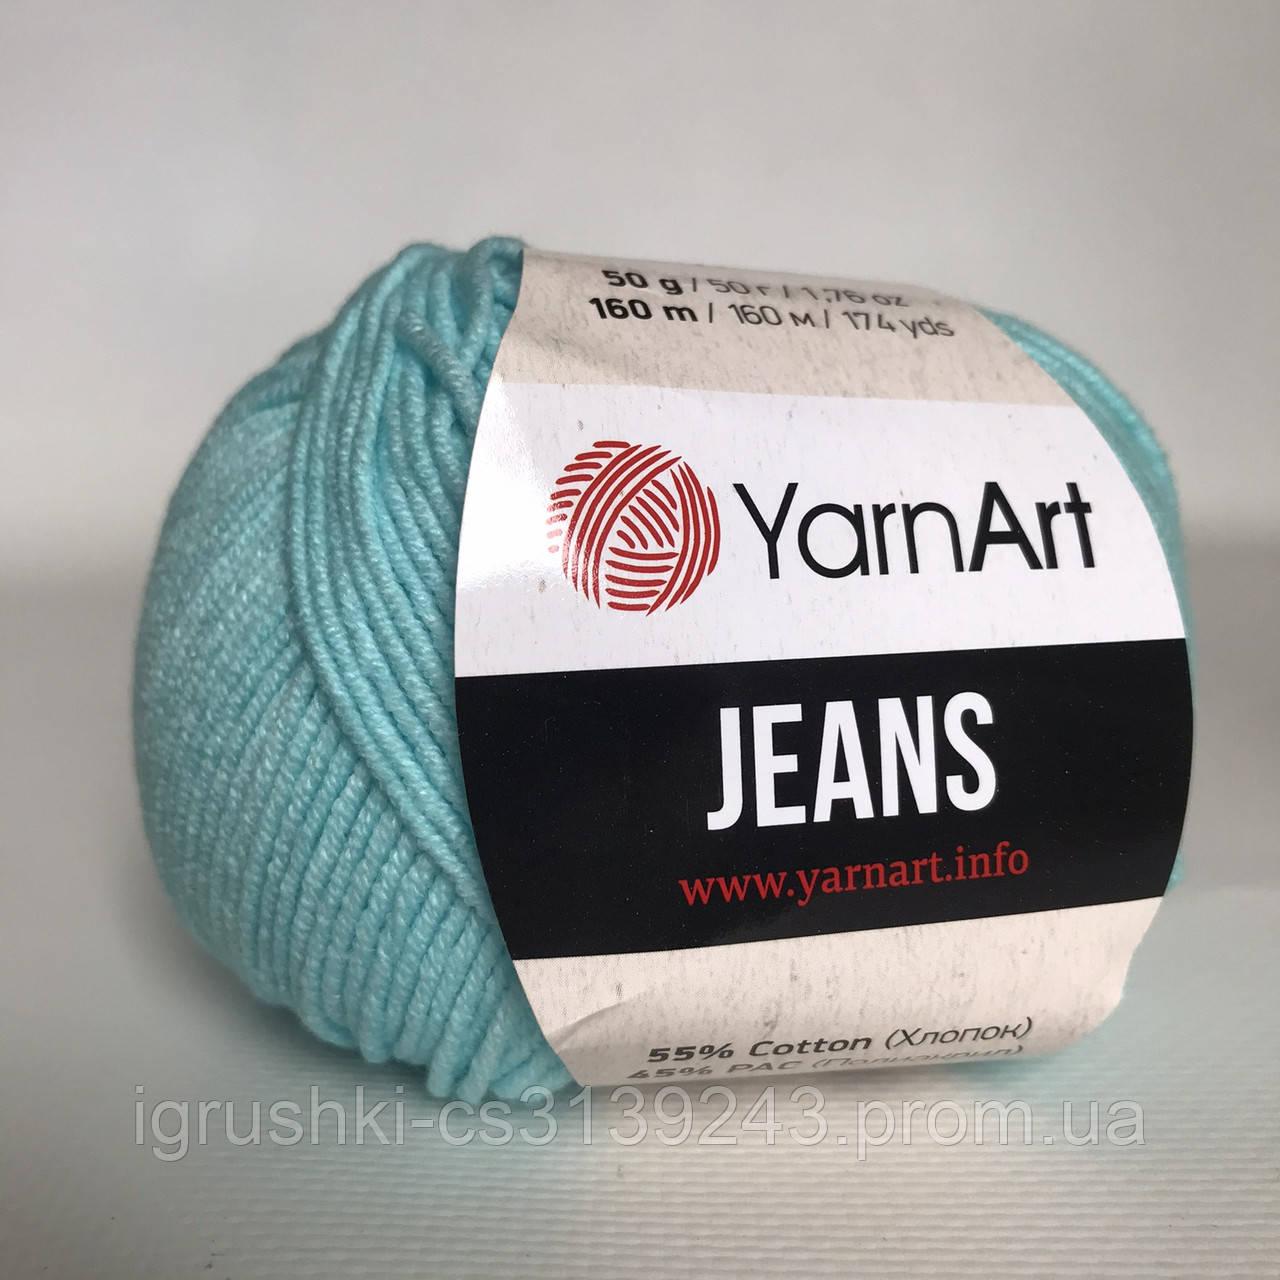 YarnArt Jeans (ярнарт джинс) 76 Світло-бірюзовий